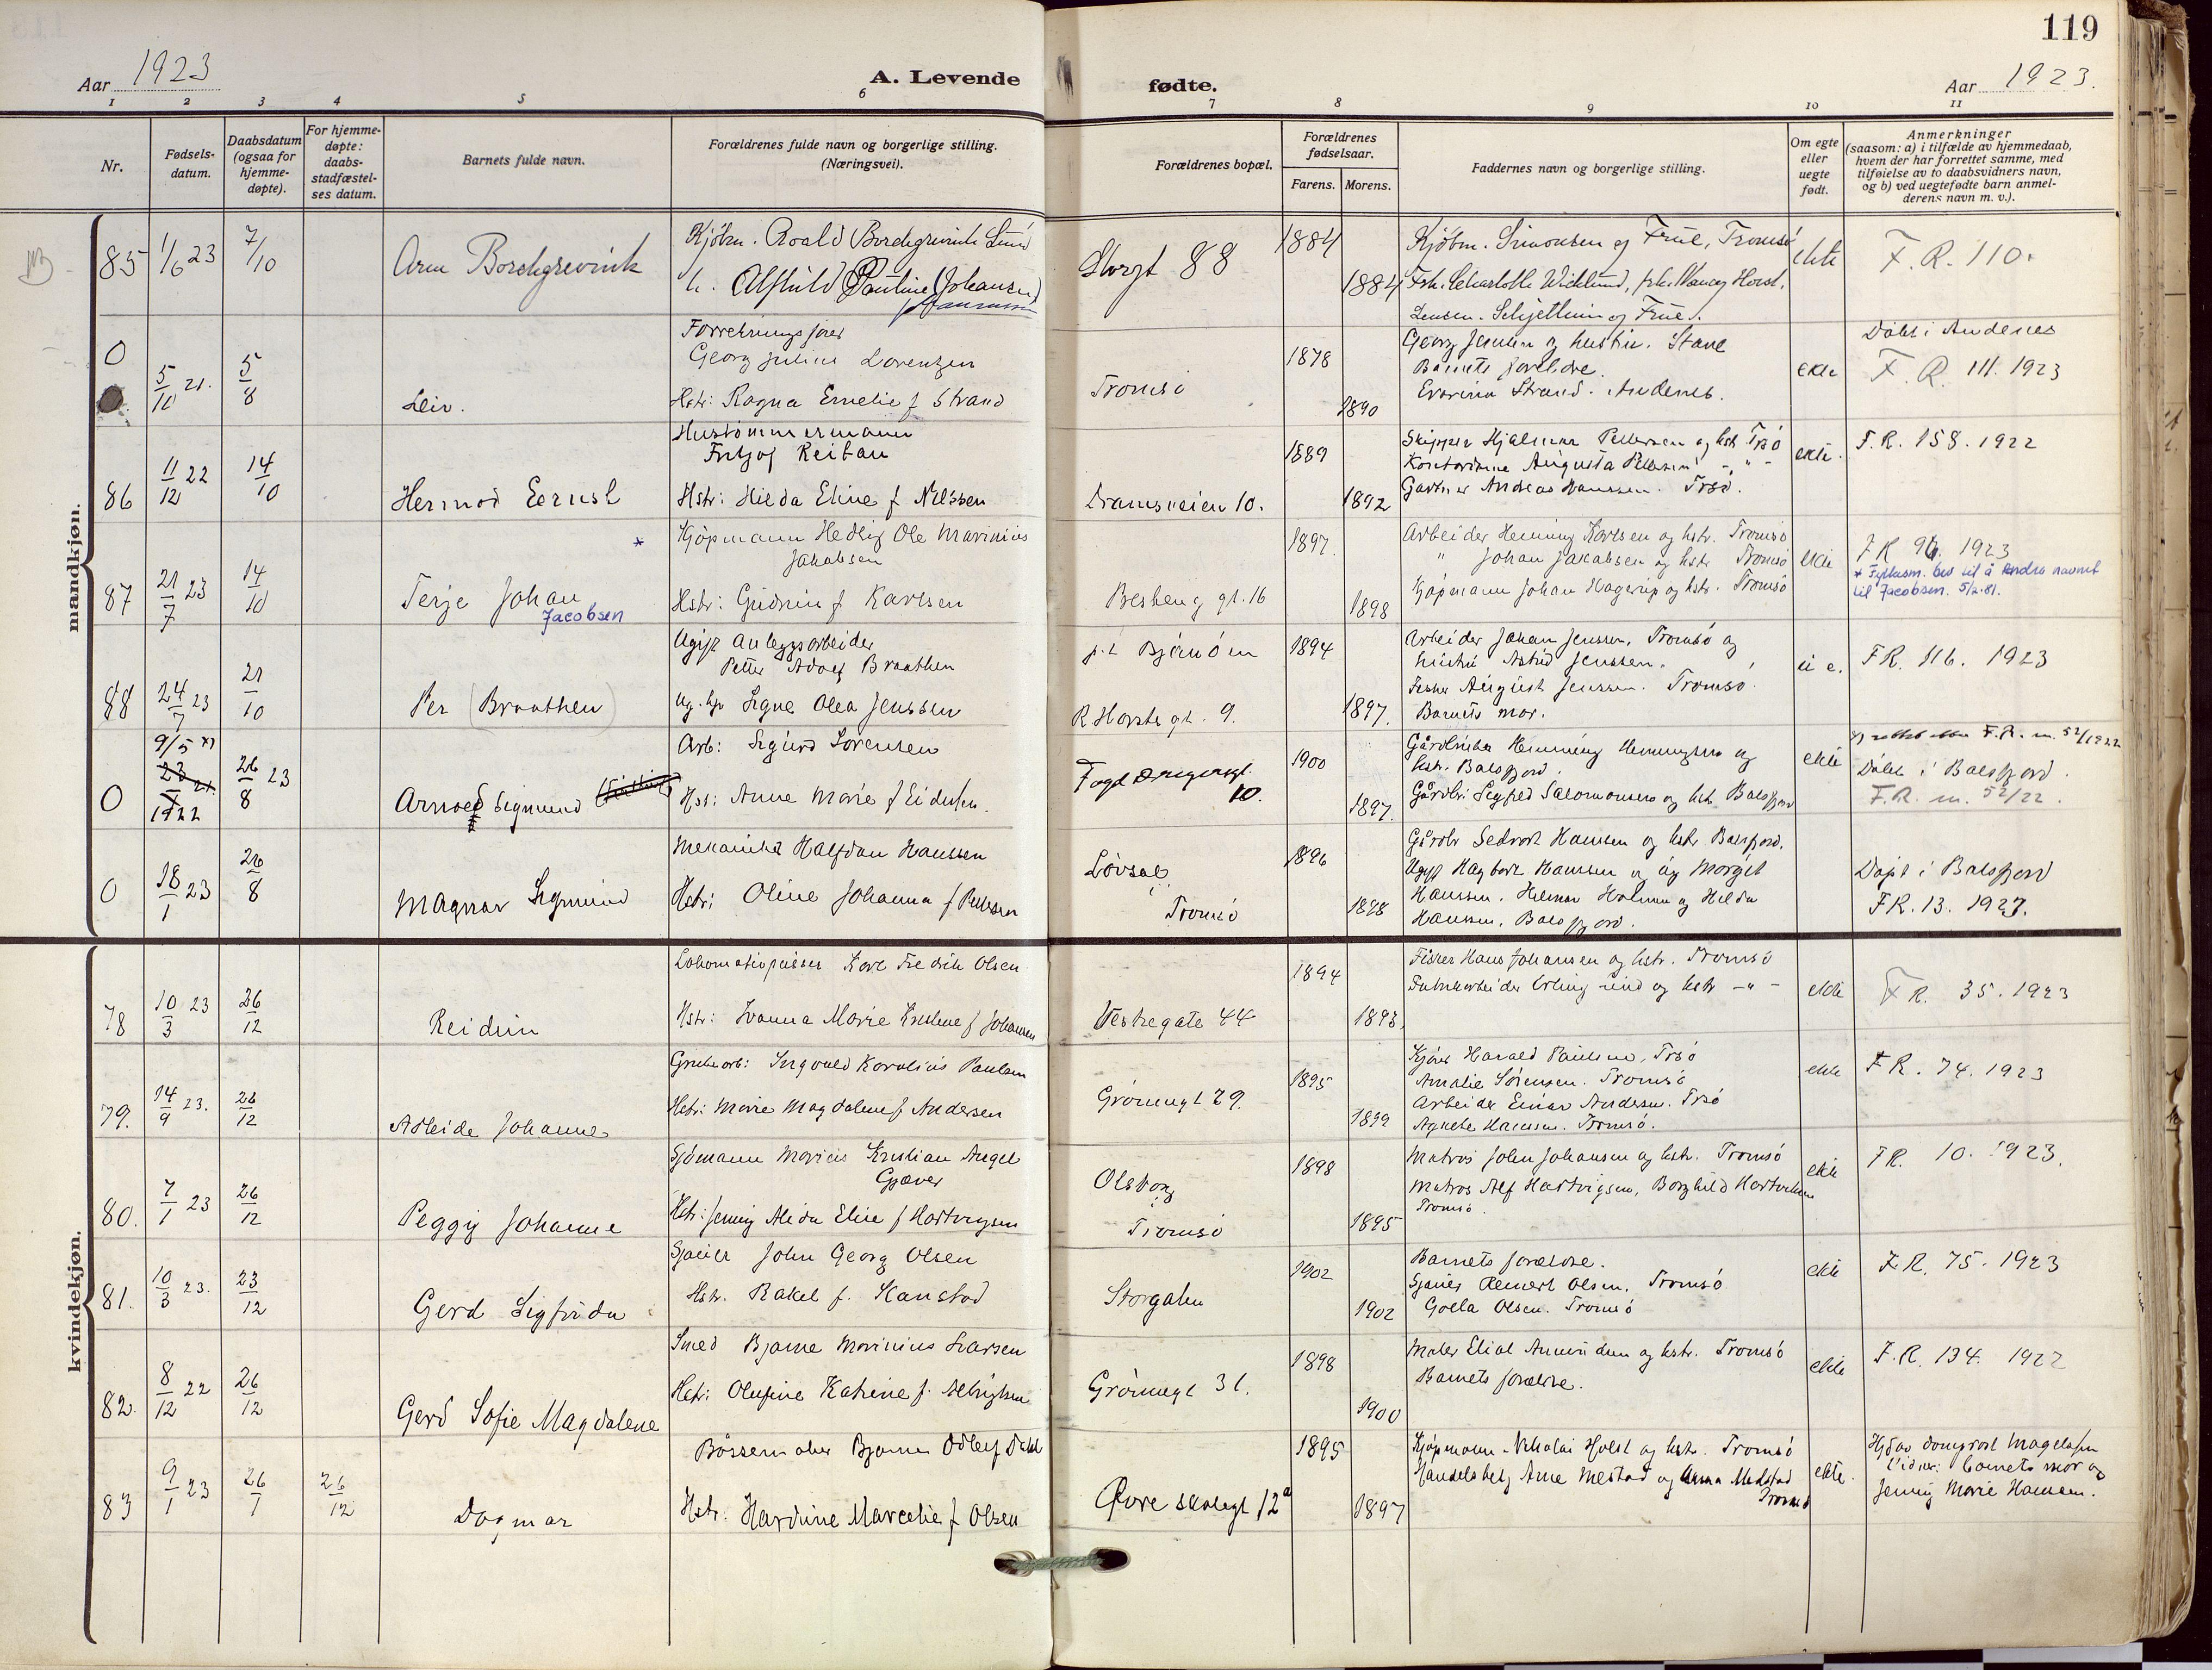 SATØ, Tromsø sokneprestkontor/stiftsprosti/domprosti, G/Ga/L0019kirke: Ministerialbok nr. 19, 1917-1927, s. 119